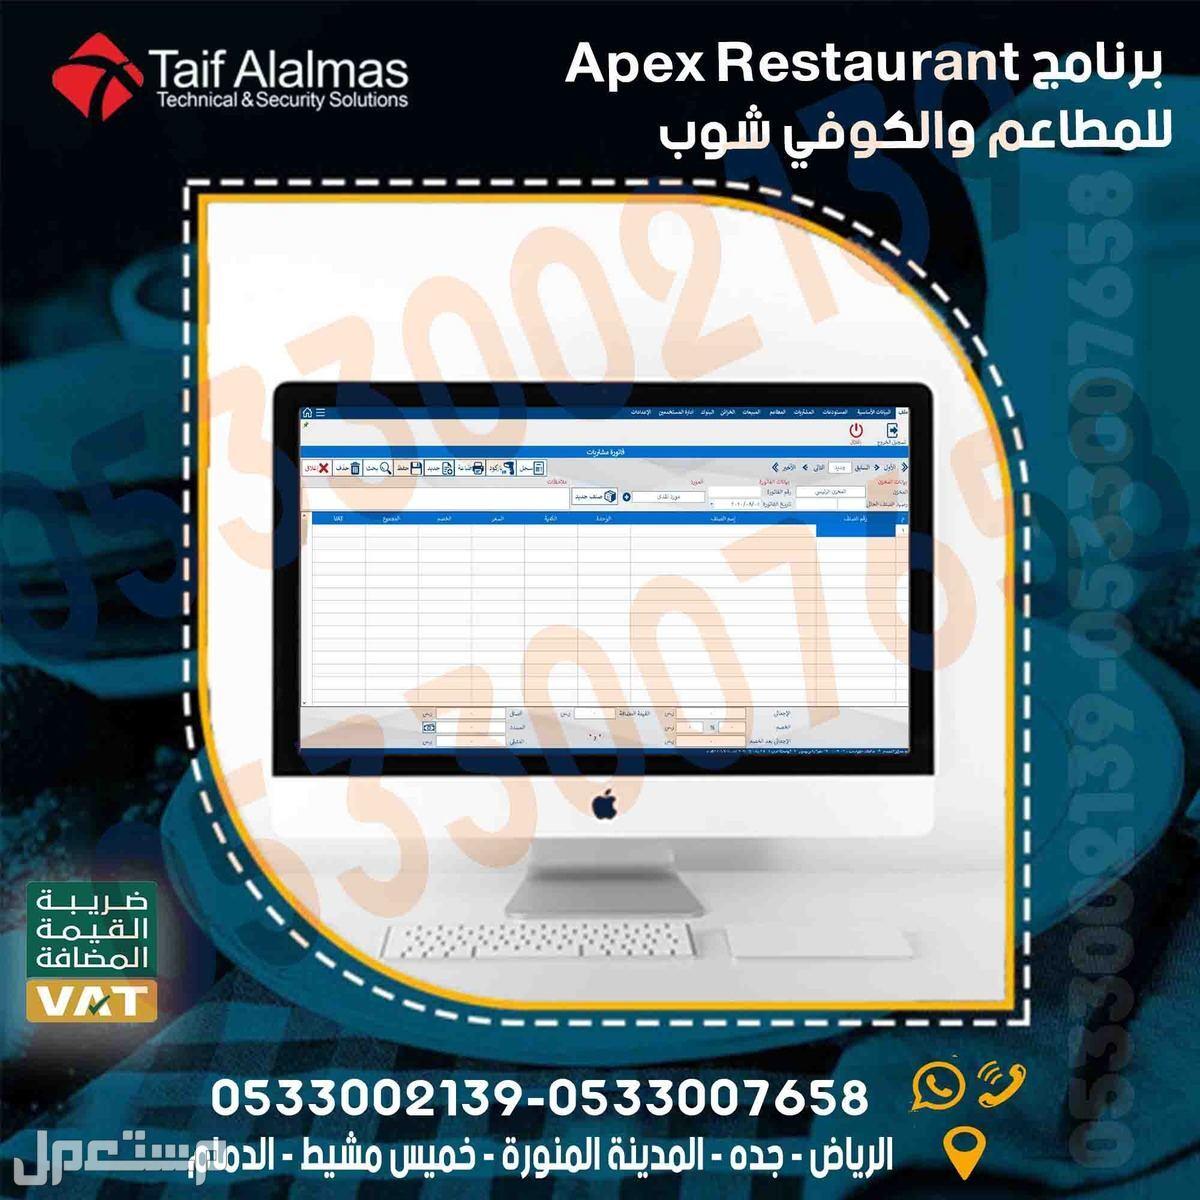 نقطة بيع برنامج واجهزة كاشير للكافيه والمطاعم